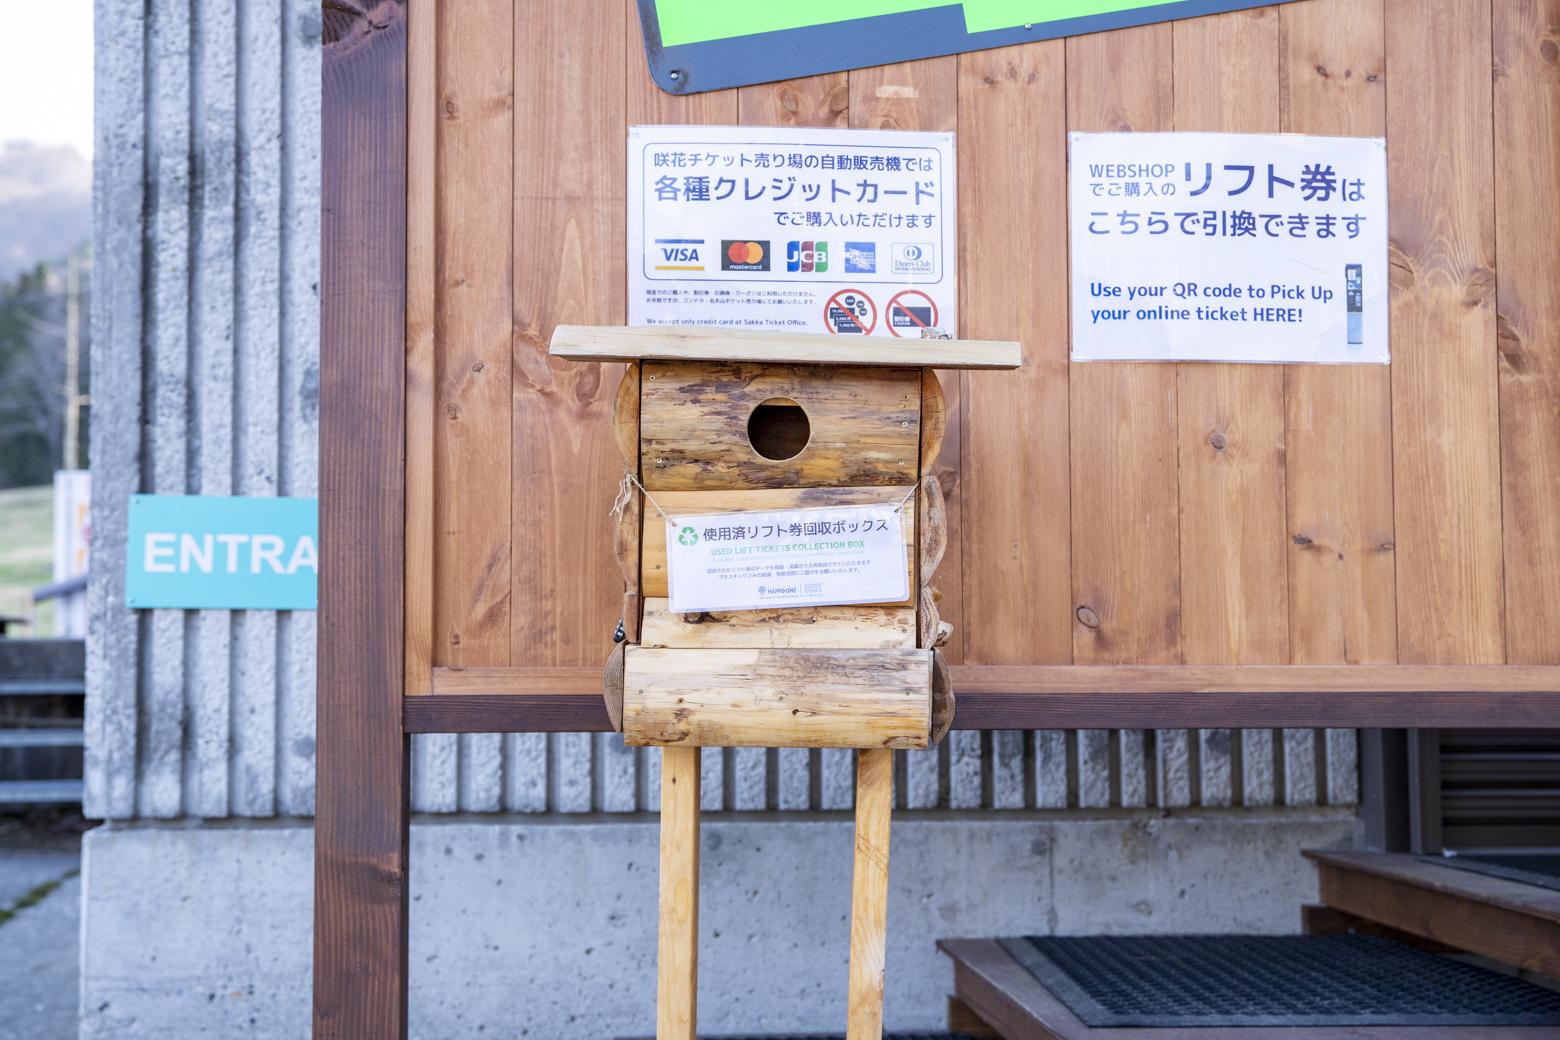 リフト券売り場に設置しているリフト券回収ボックス